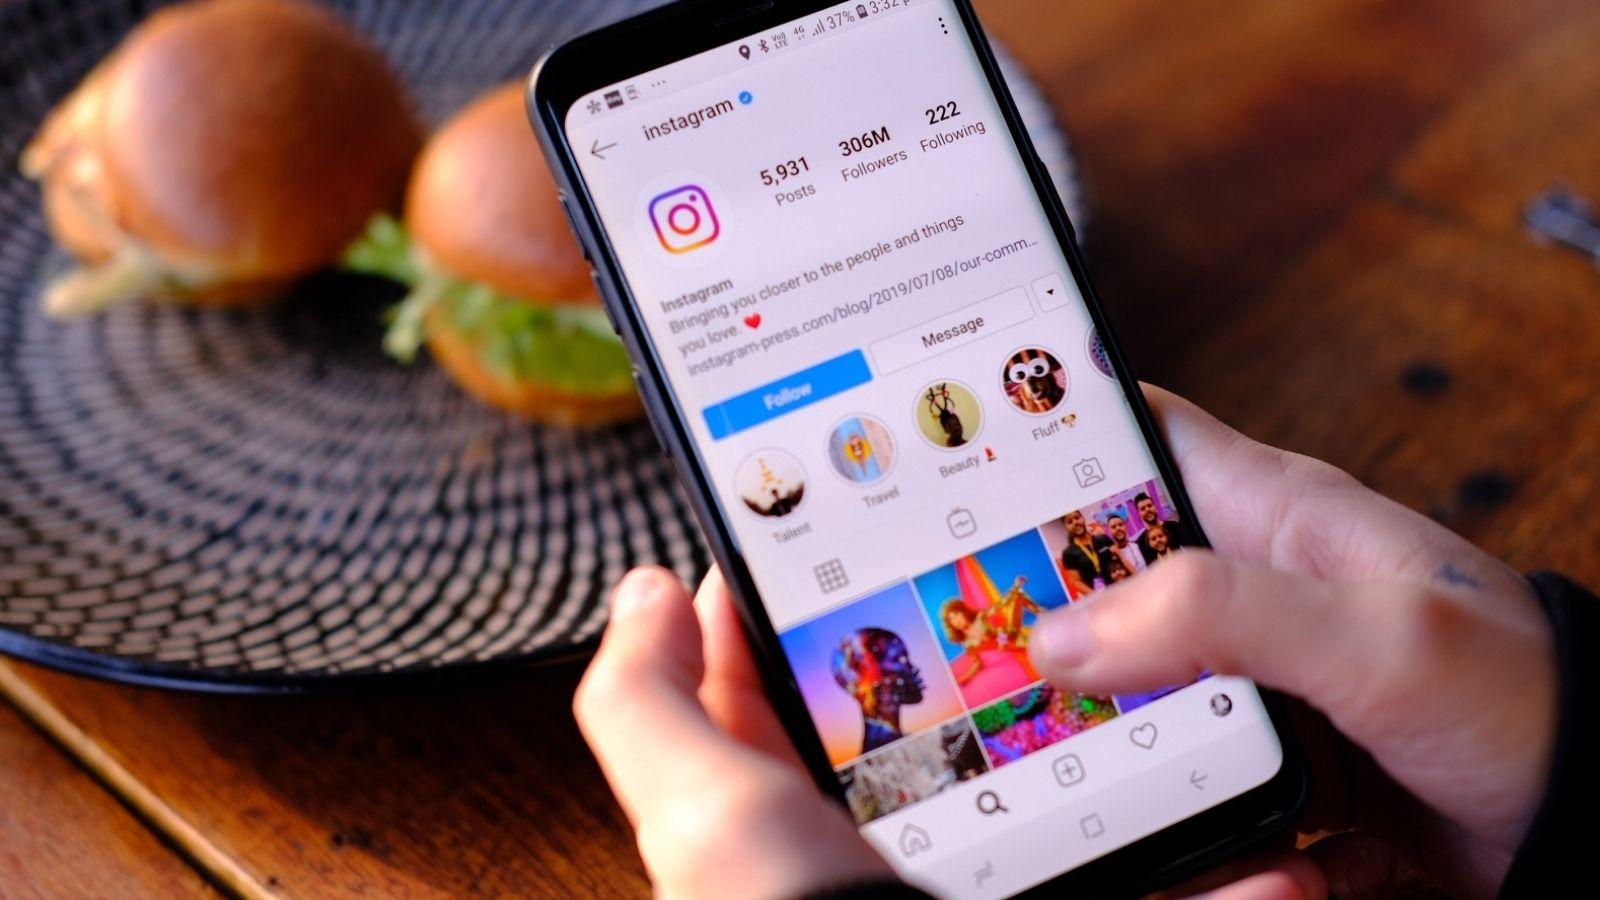 7+1 népszerű fotószerkesztő trend az Instagram-on 2021-ben - Futuremanagement - Online Marketing Ügynökség